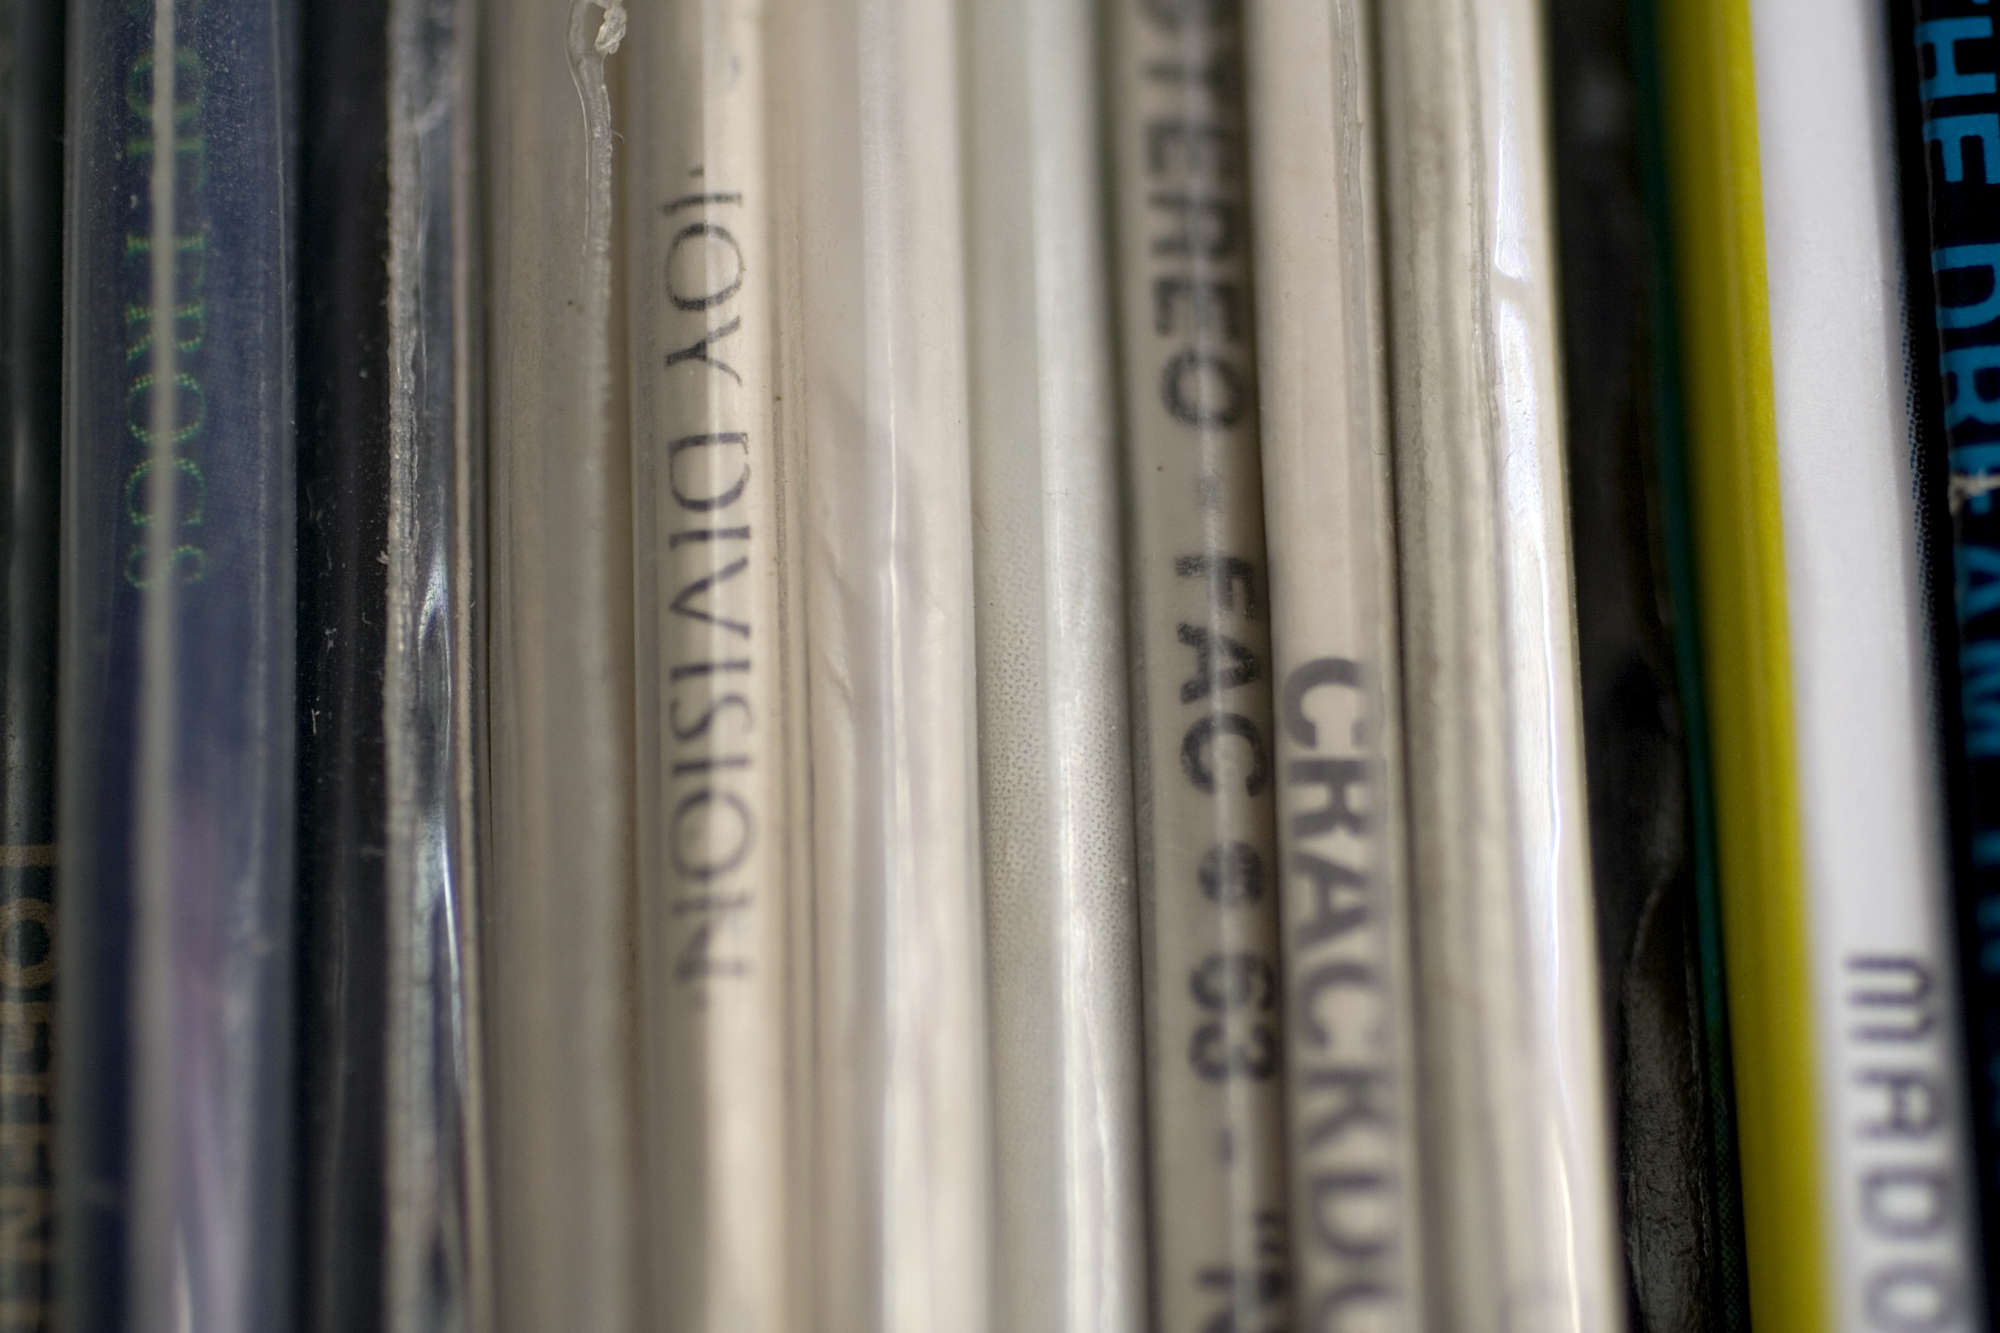 Vinyl Villains